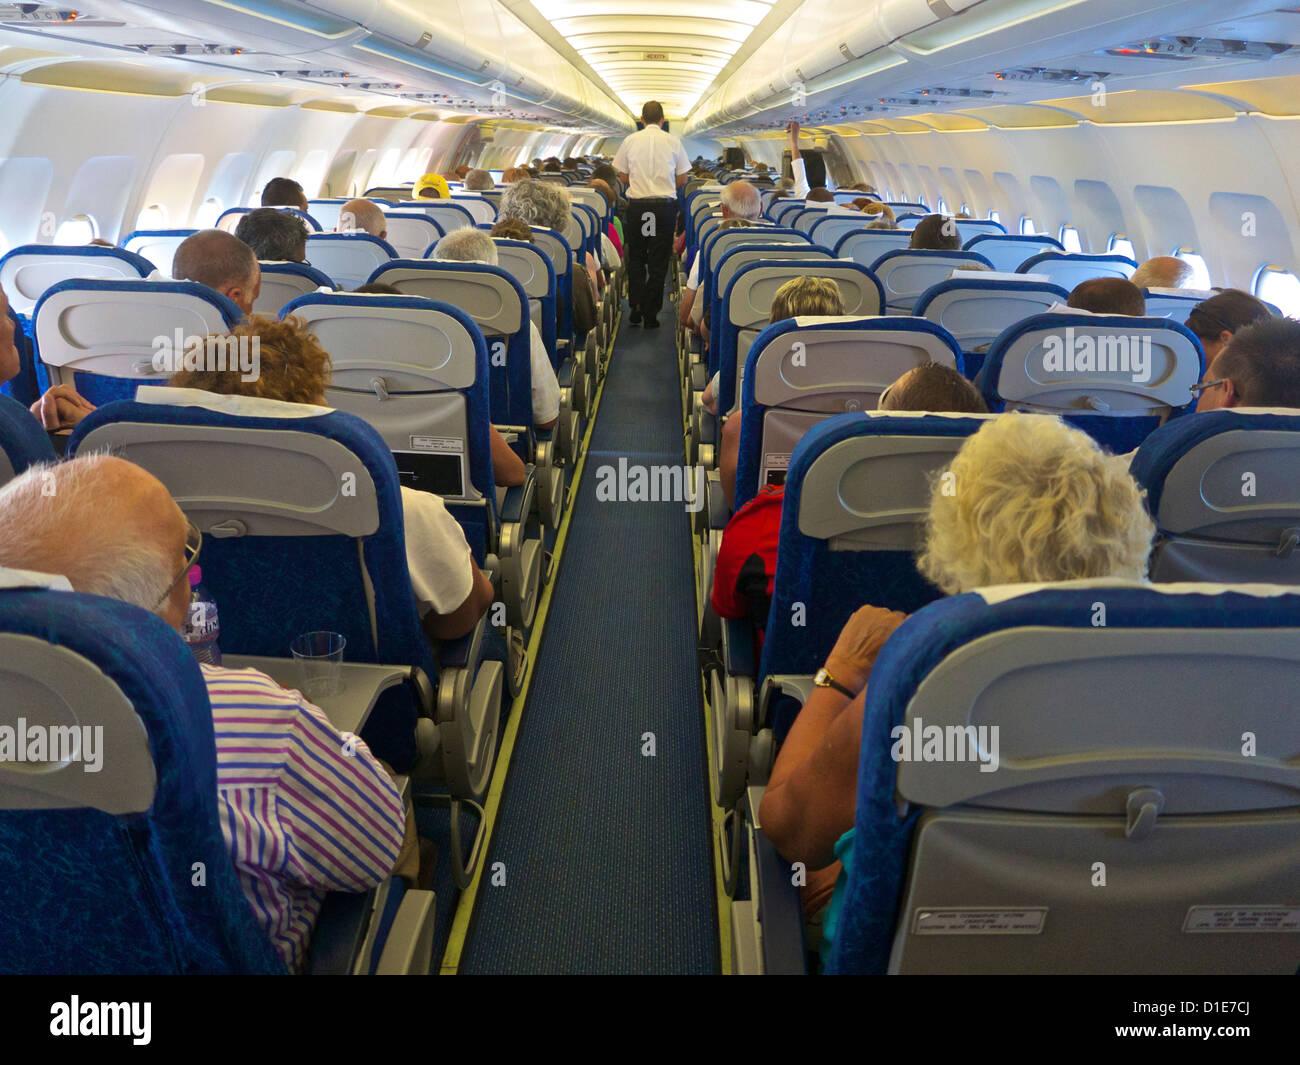 airbus a320 avion lintrieur de lhabitacle avec les passagers france europe